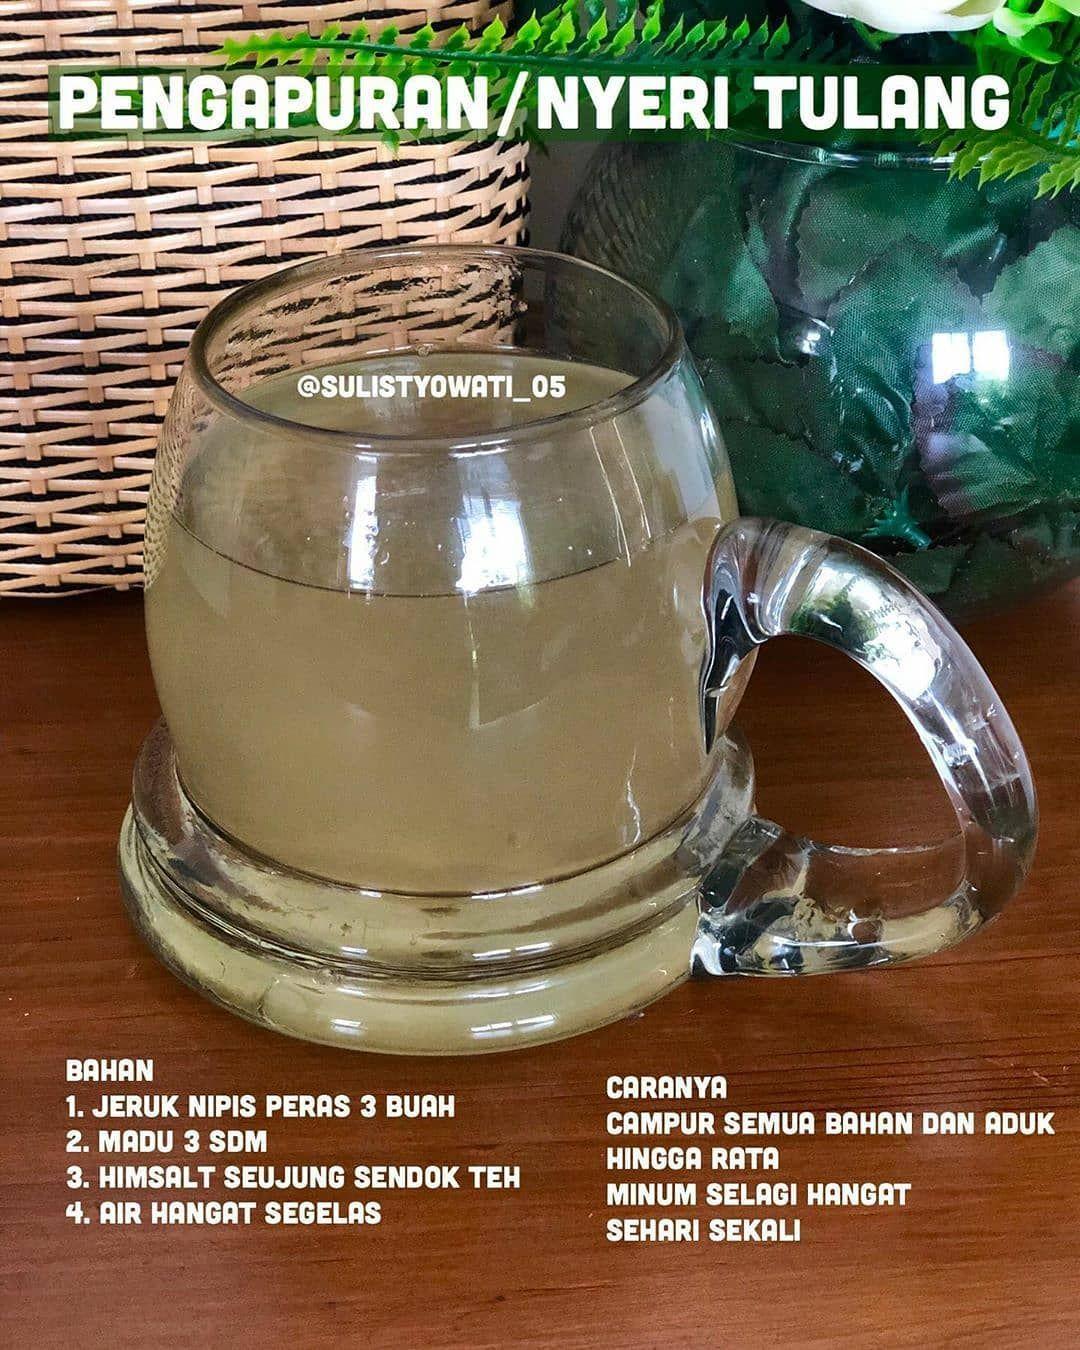 Resep Sehat Jsr Di Instagram Reposted From Sulistyowati 05 Get Regrann Minuman Untuk Pengapuran Nyeri Tulang Resep Sehat Minuman Minuman Detoks